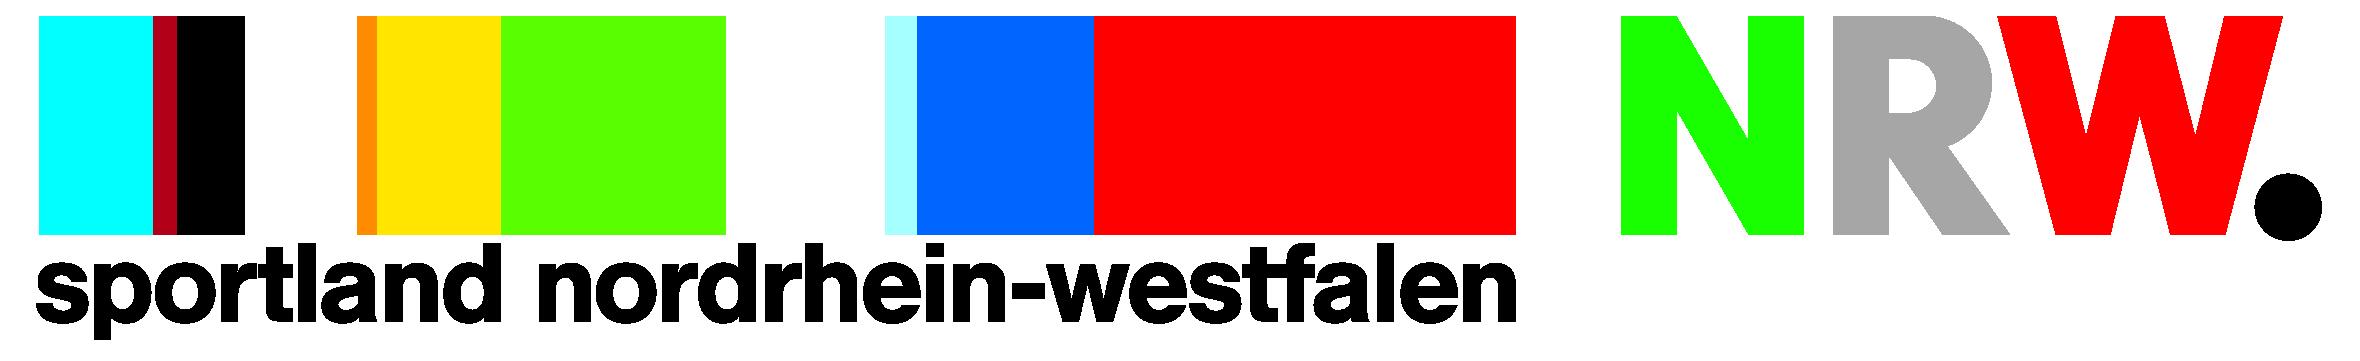 Sportland NRW 2005 Logo